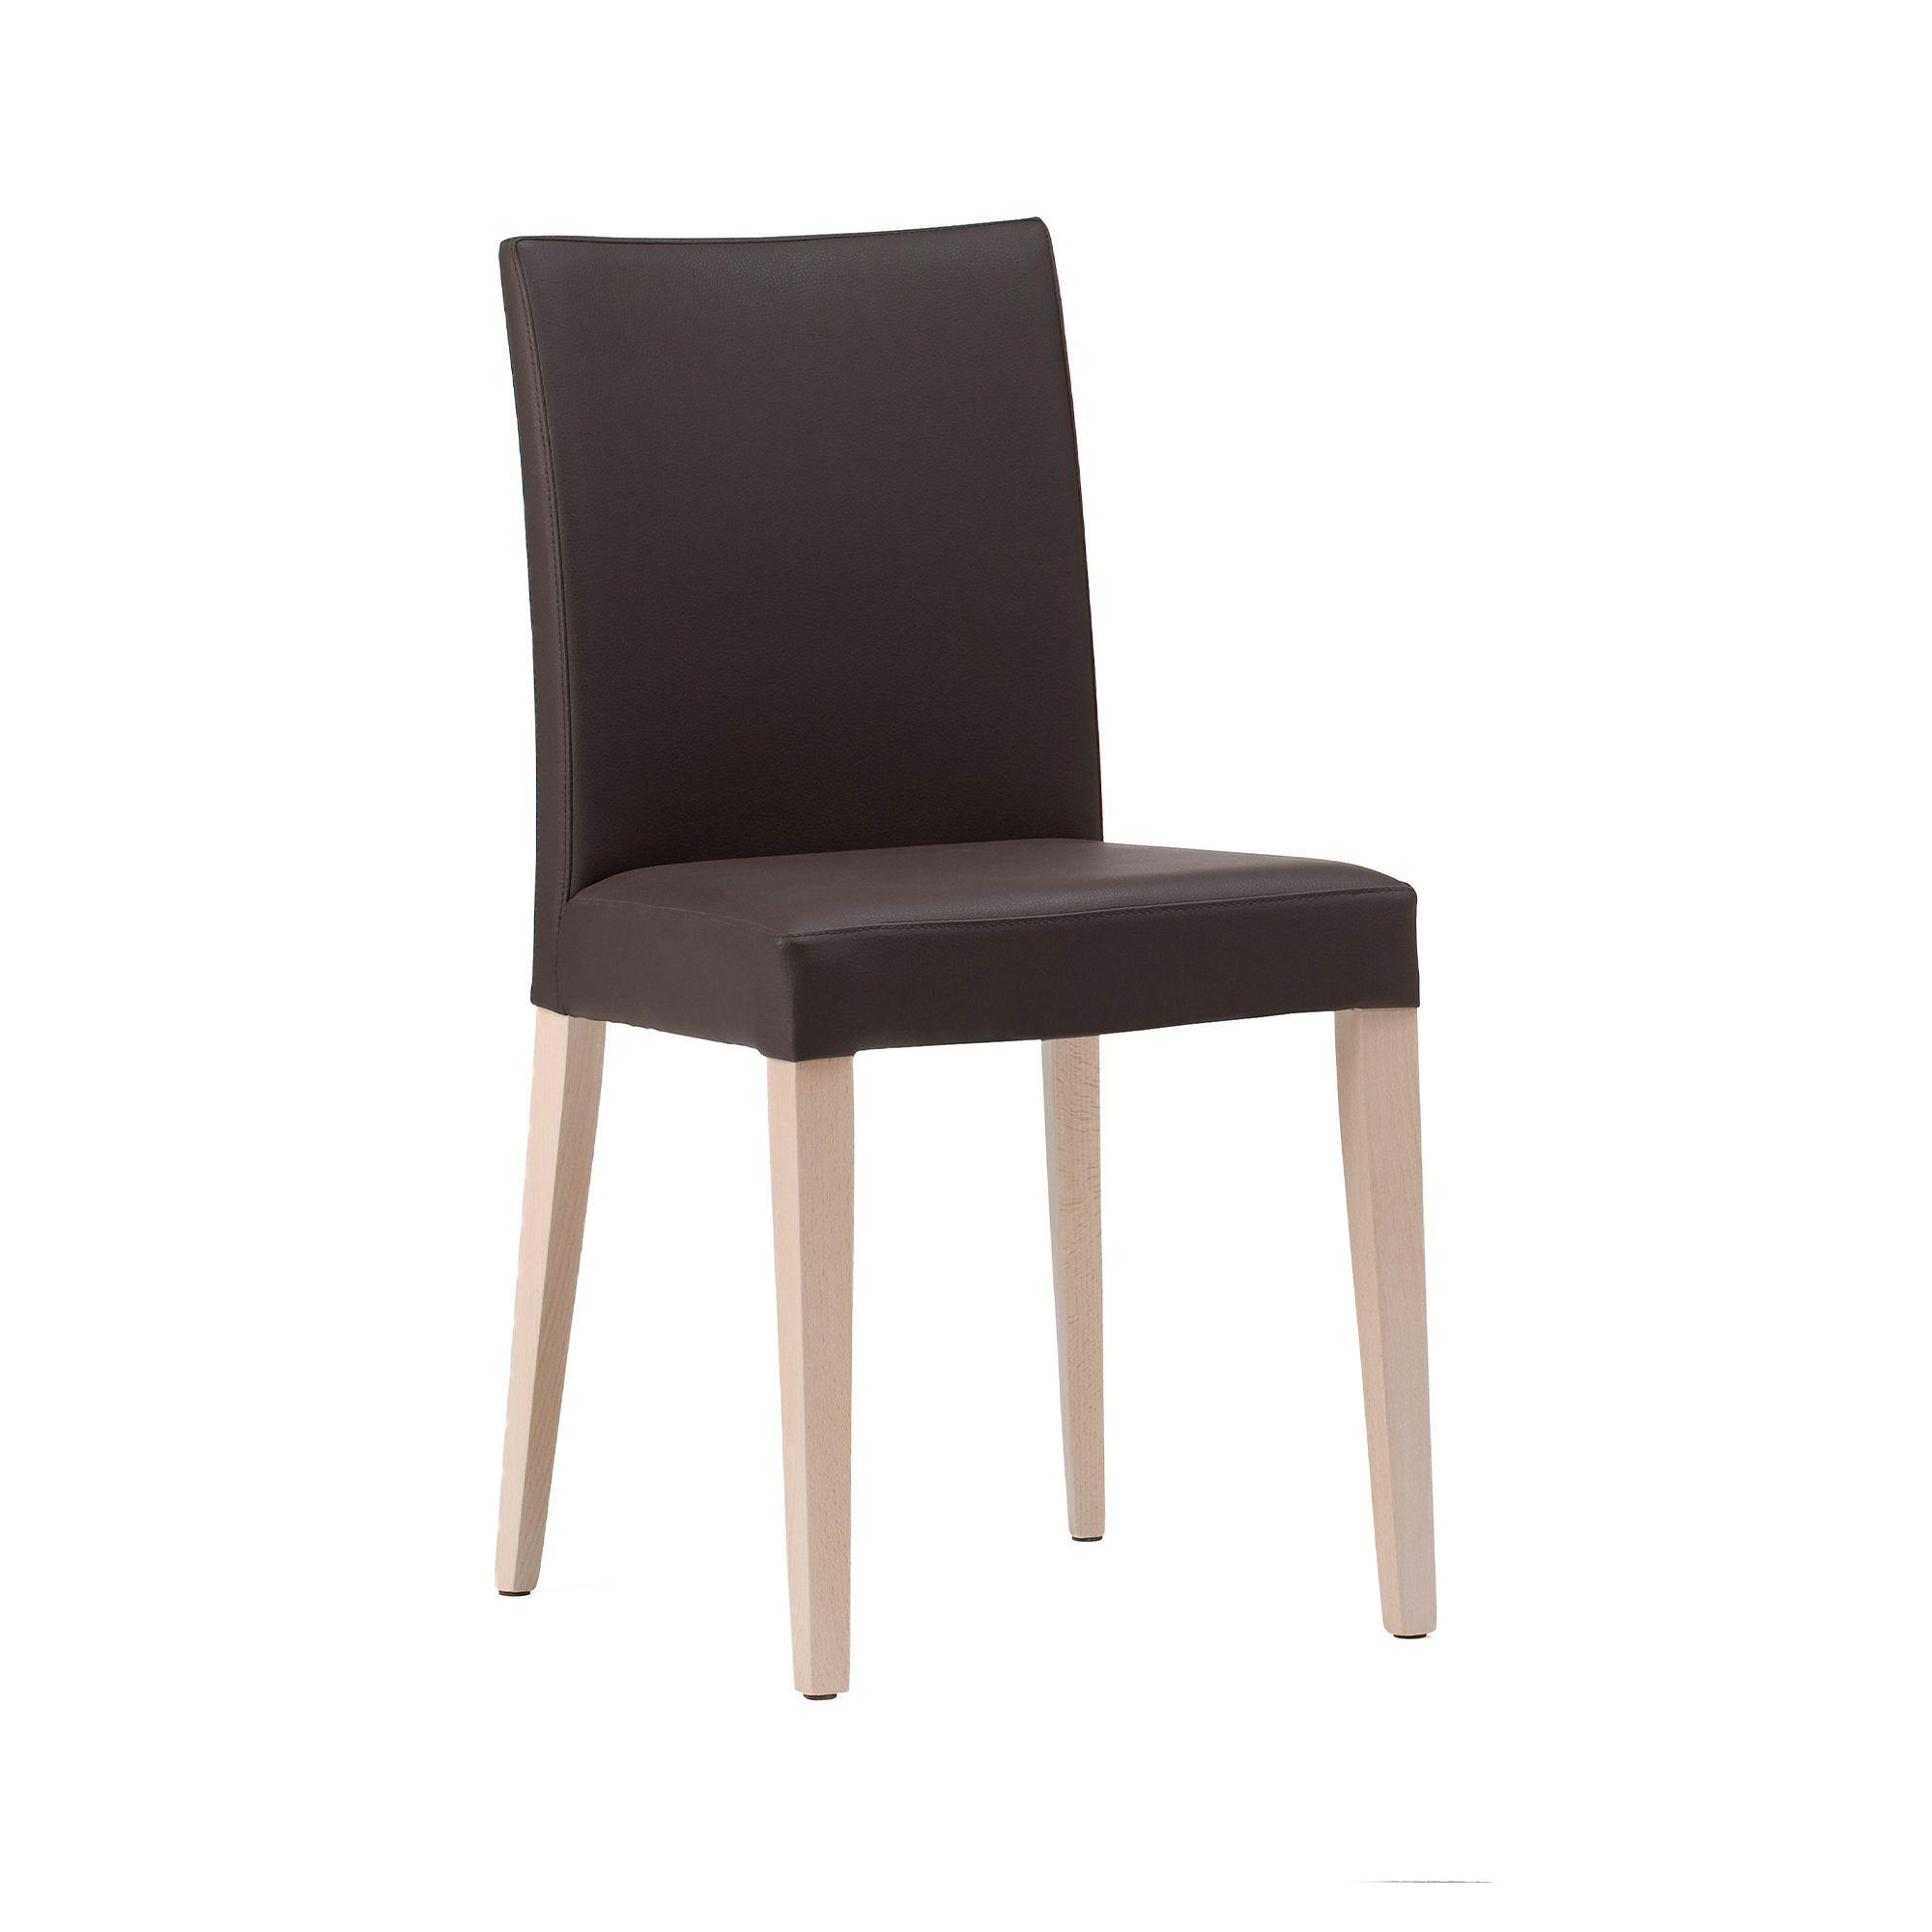 Sedia in stile classico modello 840